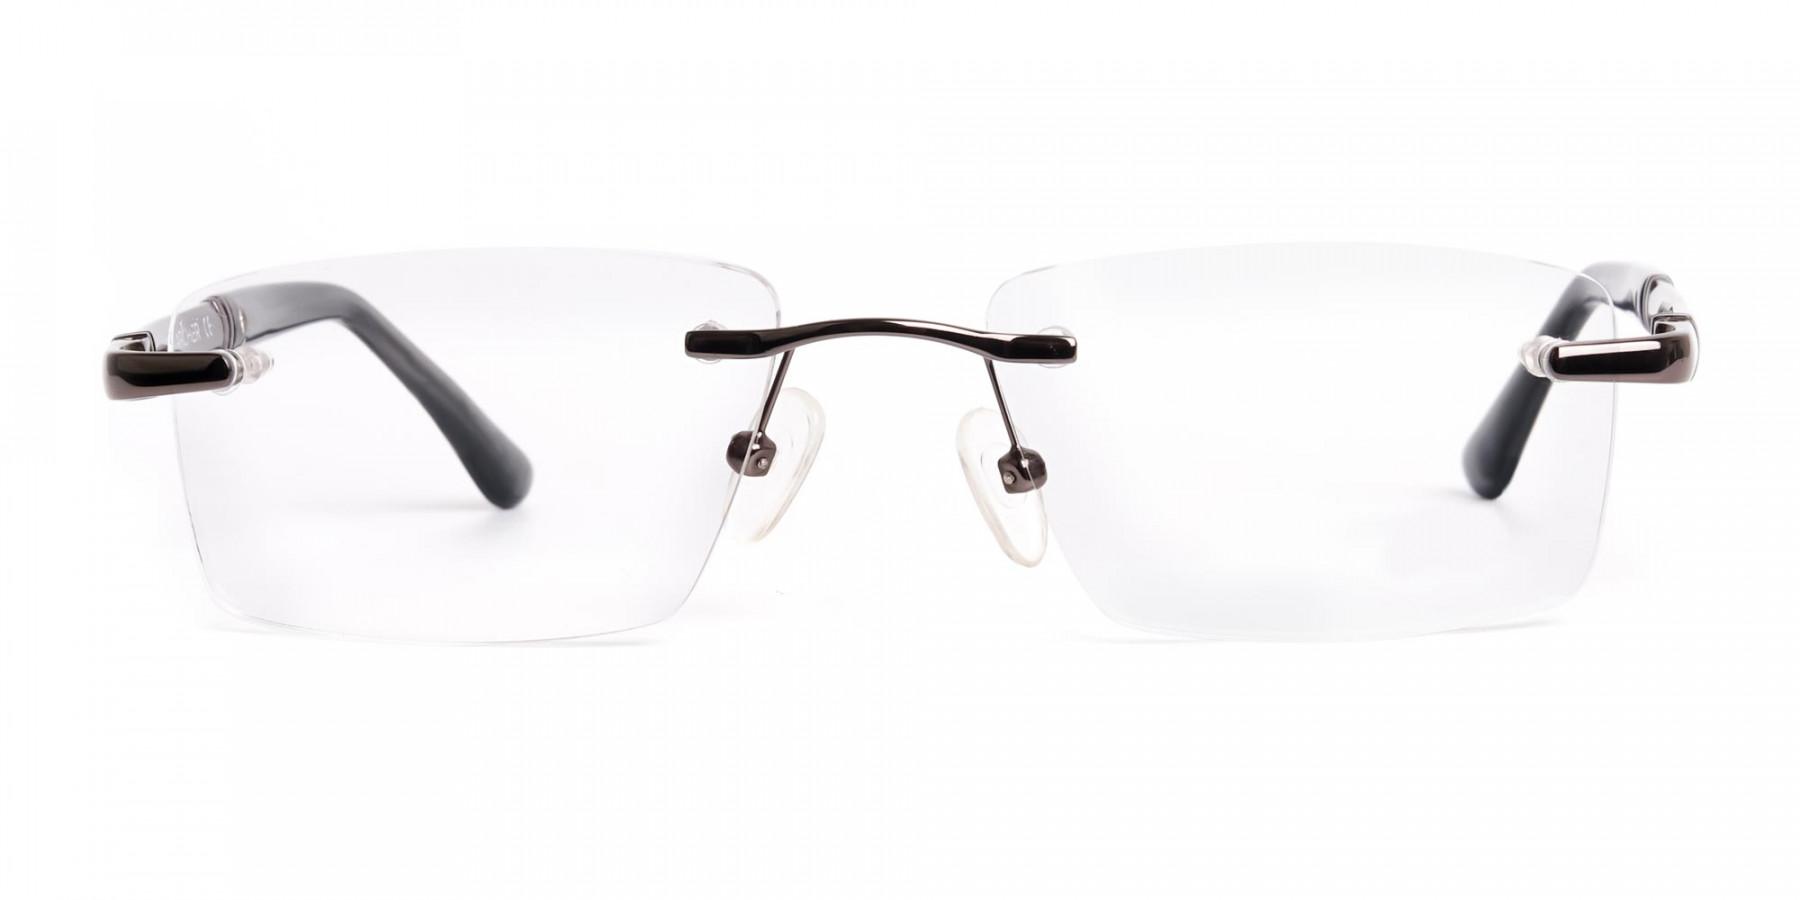 gunmetal-rectangular-rimless-glasses-frames-1